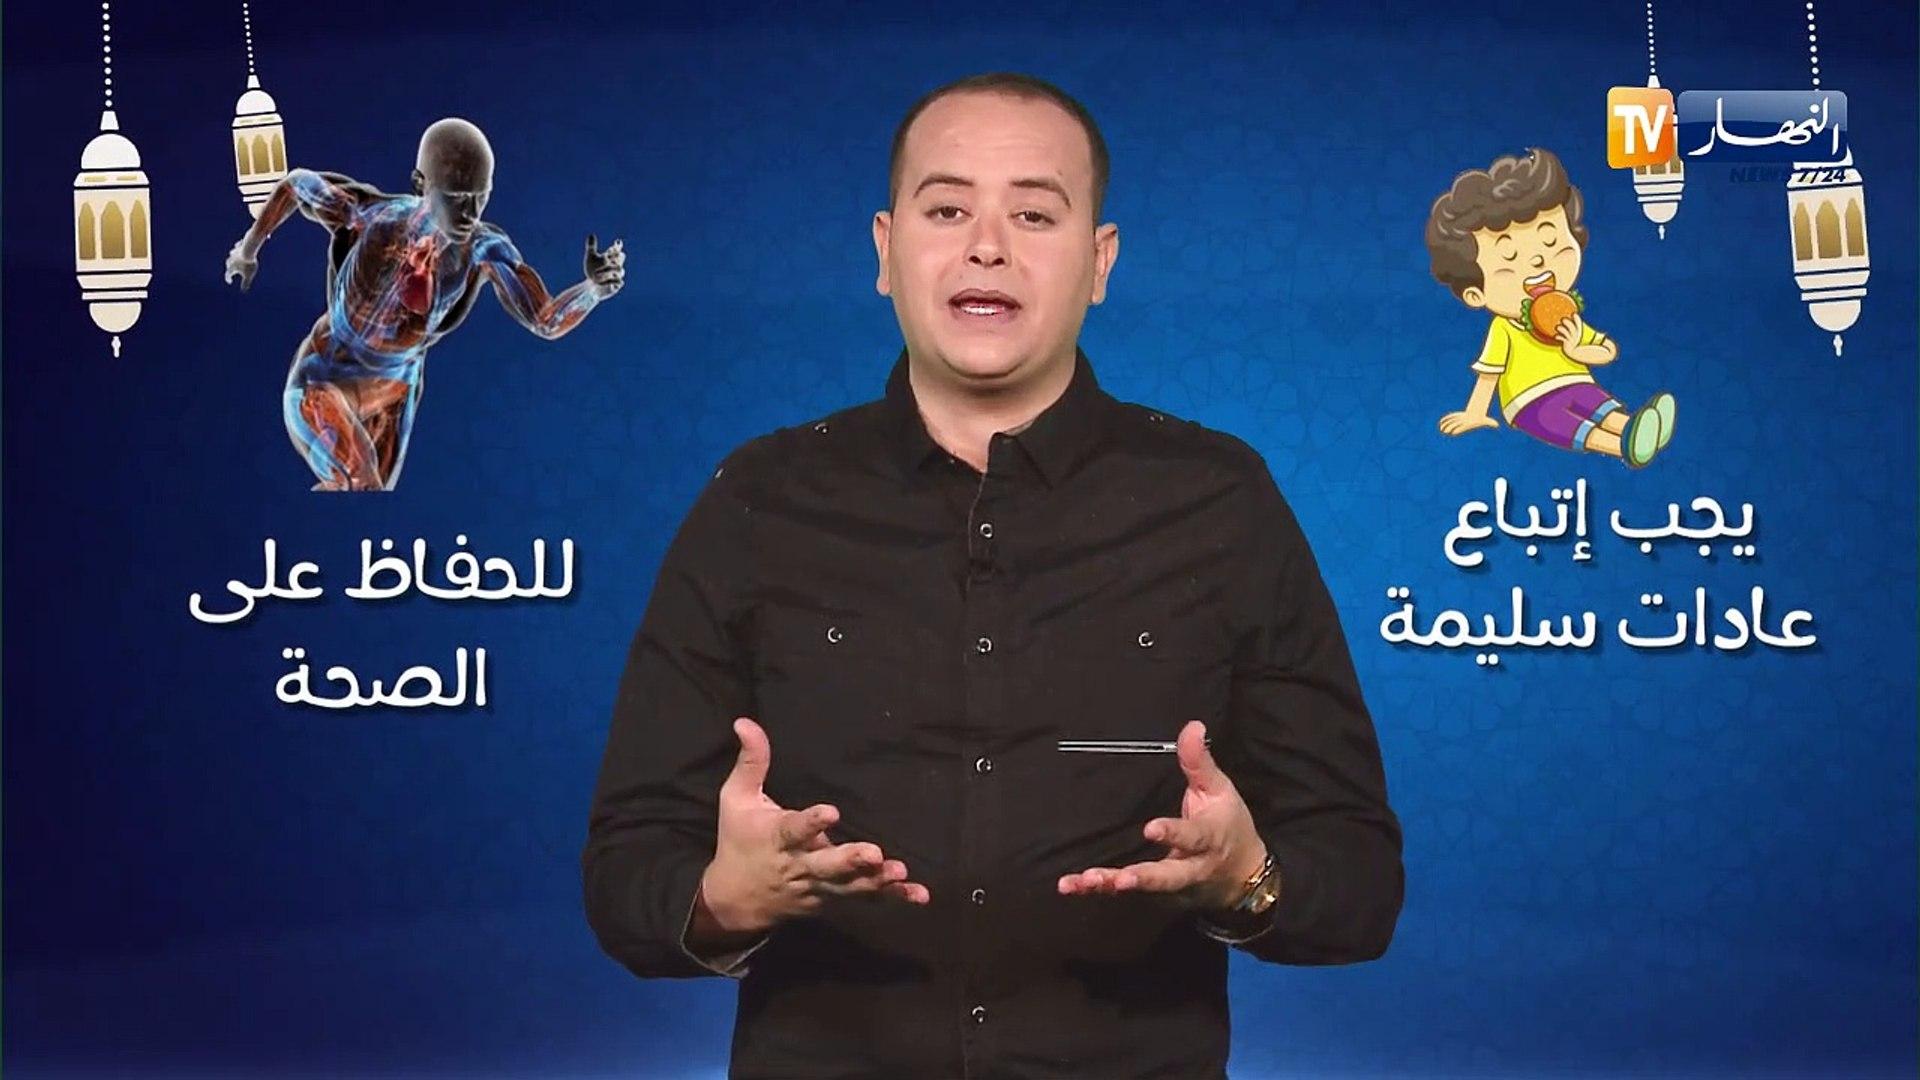 صحةMAG: نصائح لهواة الأكل خلال شهر رمضان